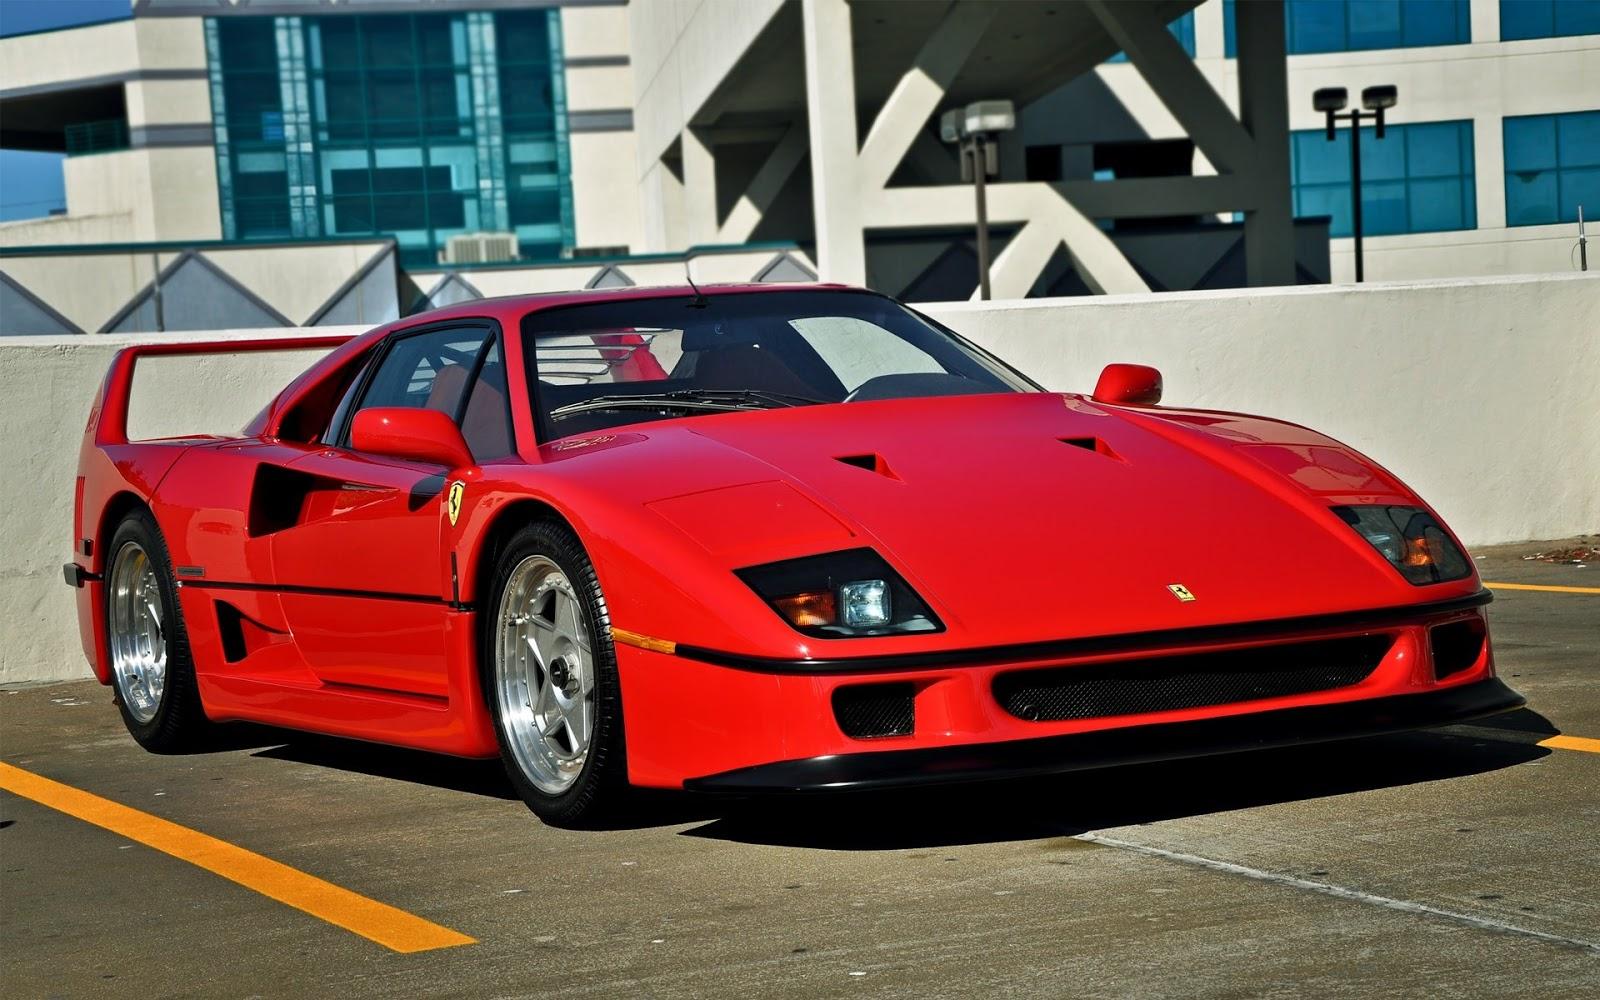 ... /zmEbUudlH8w/s1600/Ferrari-F40_1987_1600x1200_wallpaper_16.jpg